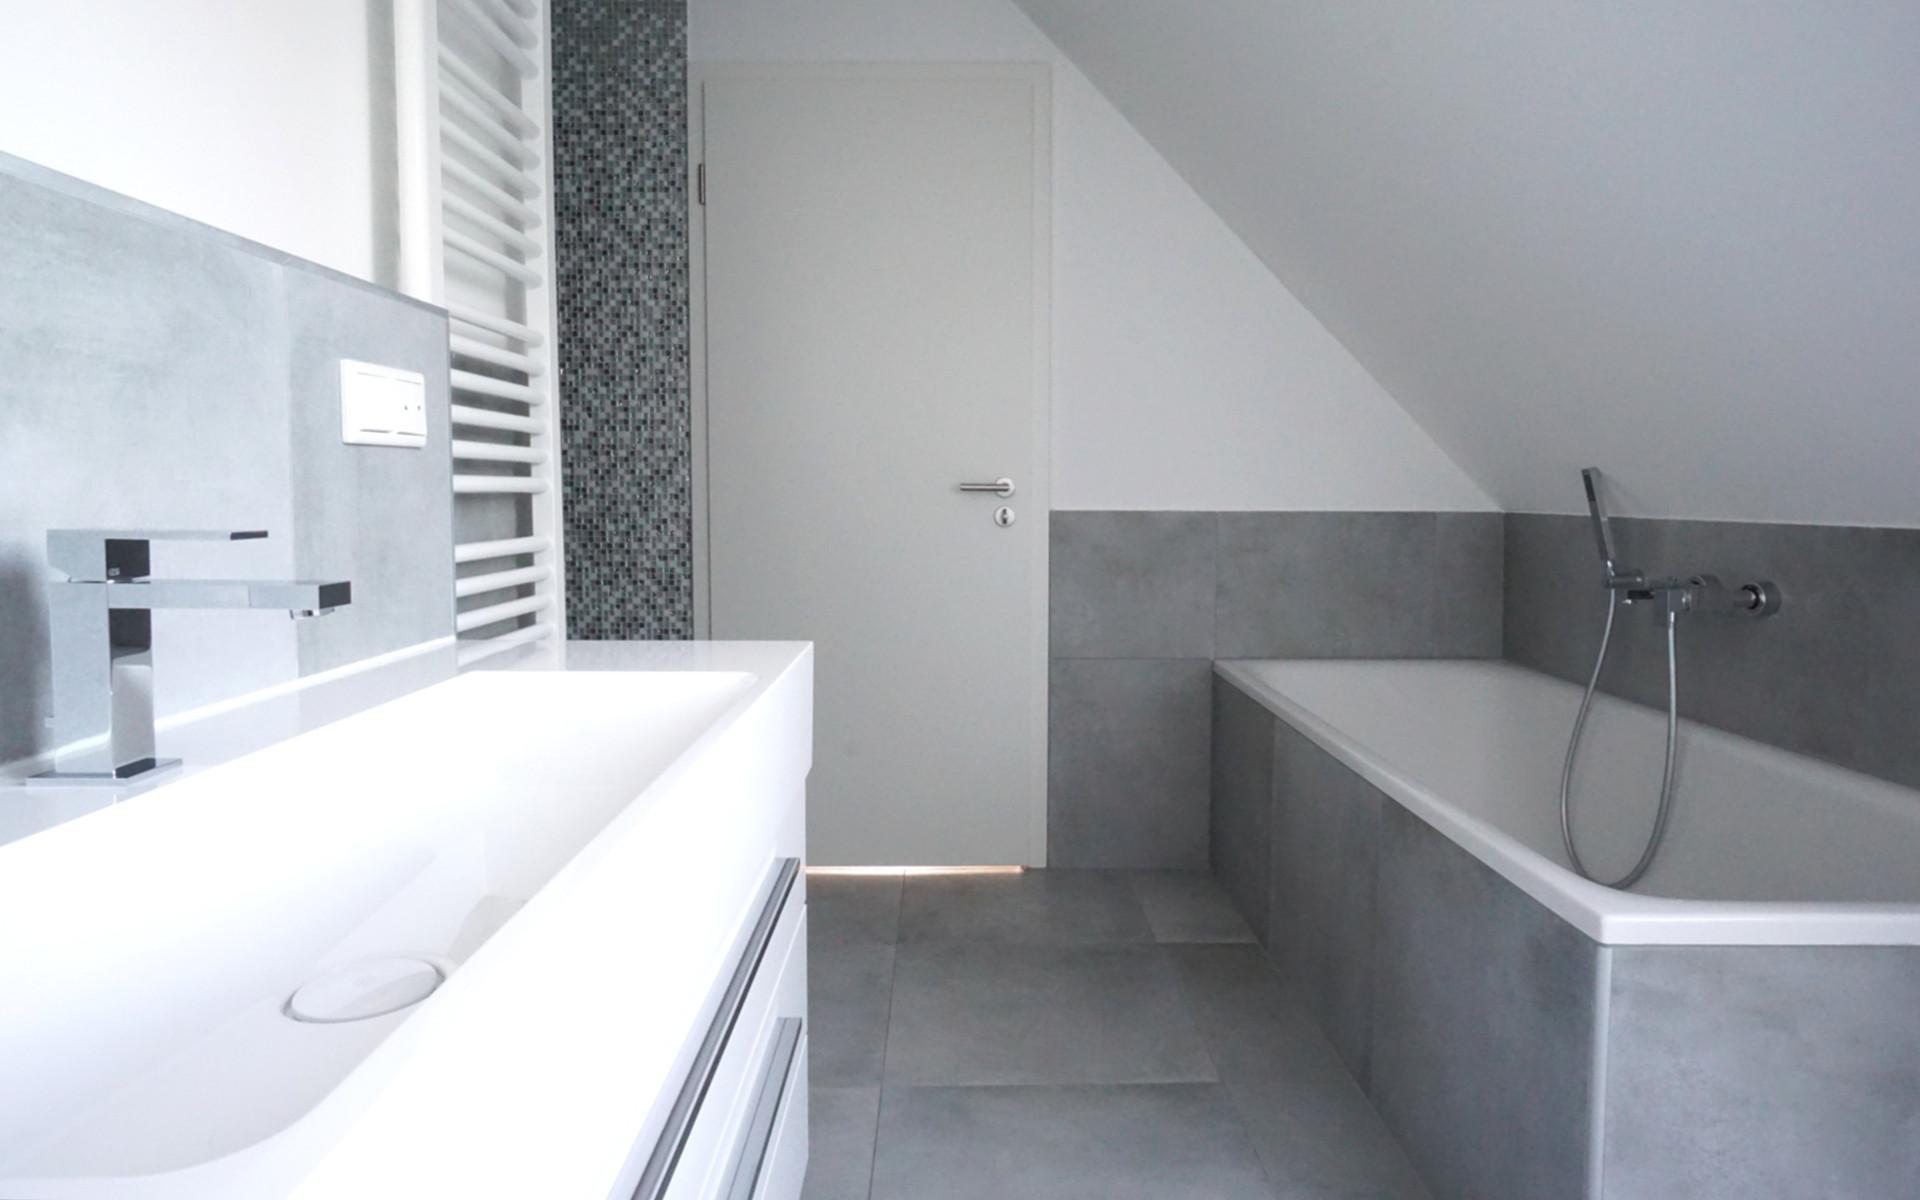 Allescher_Badezimmer_1920x1200